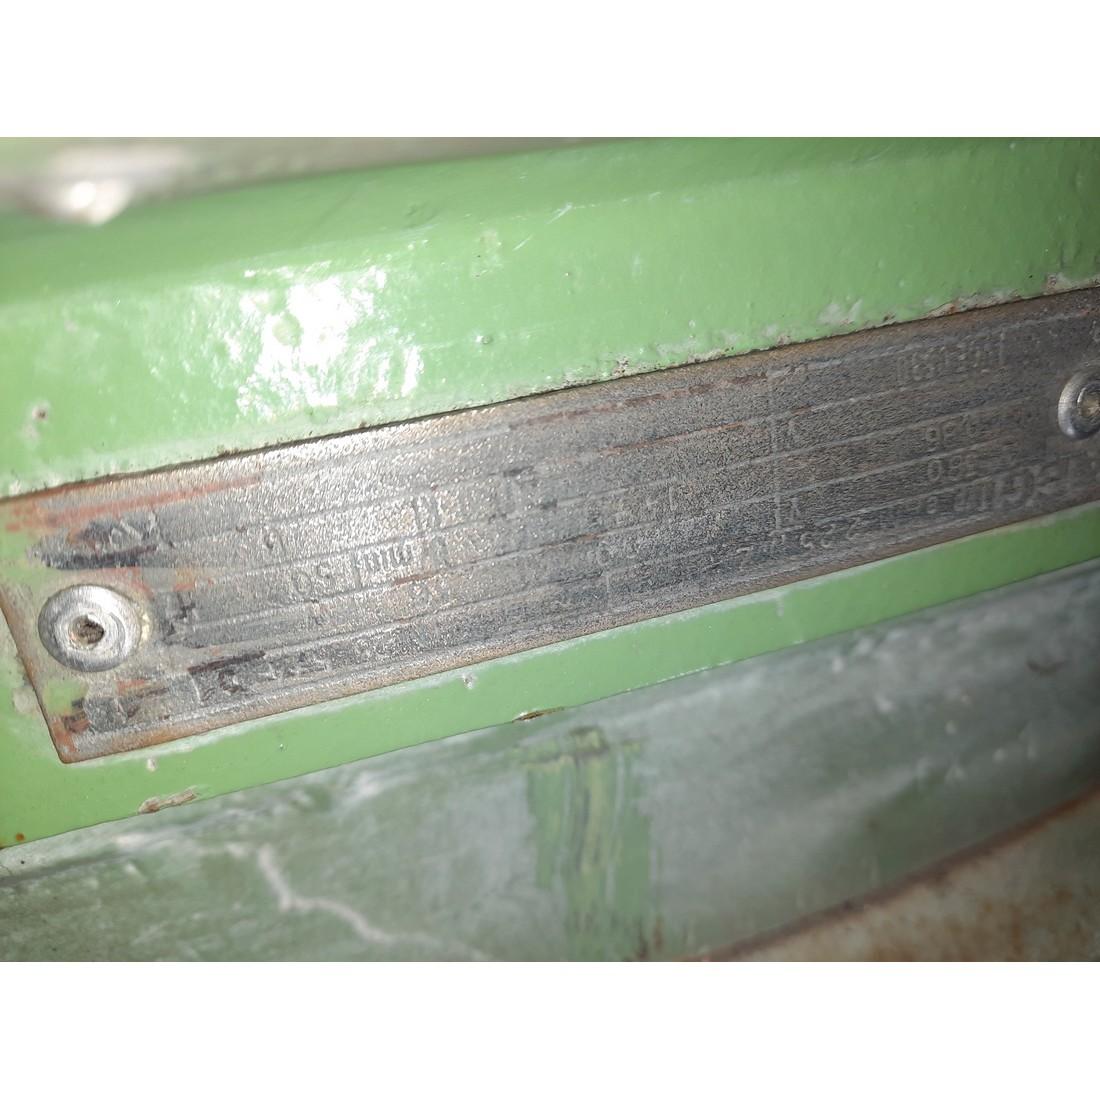 R6T1284 OLIVER-BATTLE / SUSSMEYER dissolver - Hp48 - Rpm1500